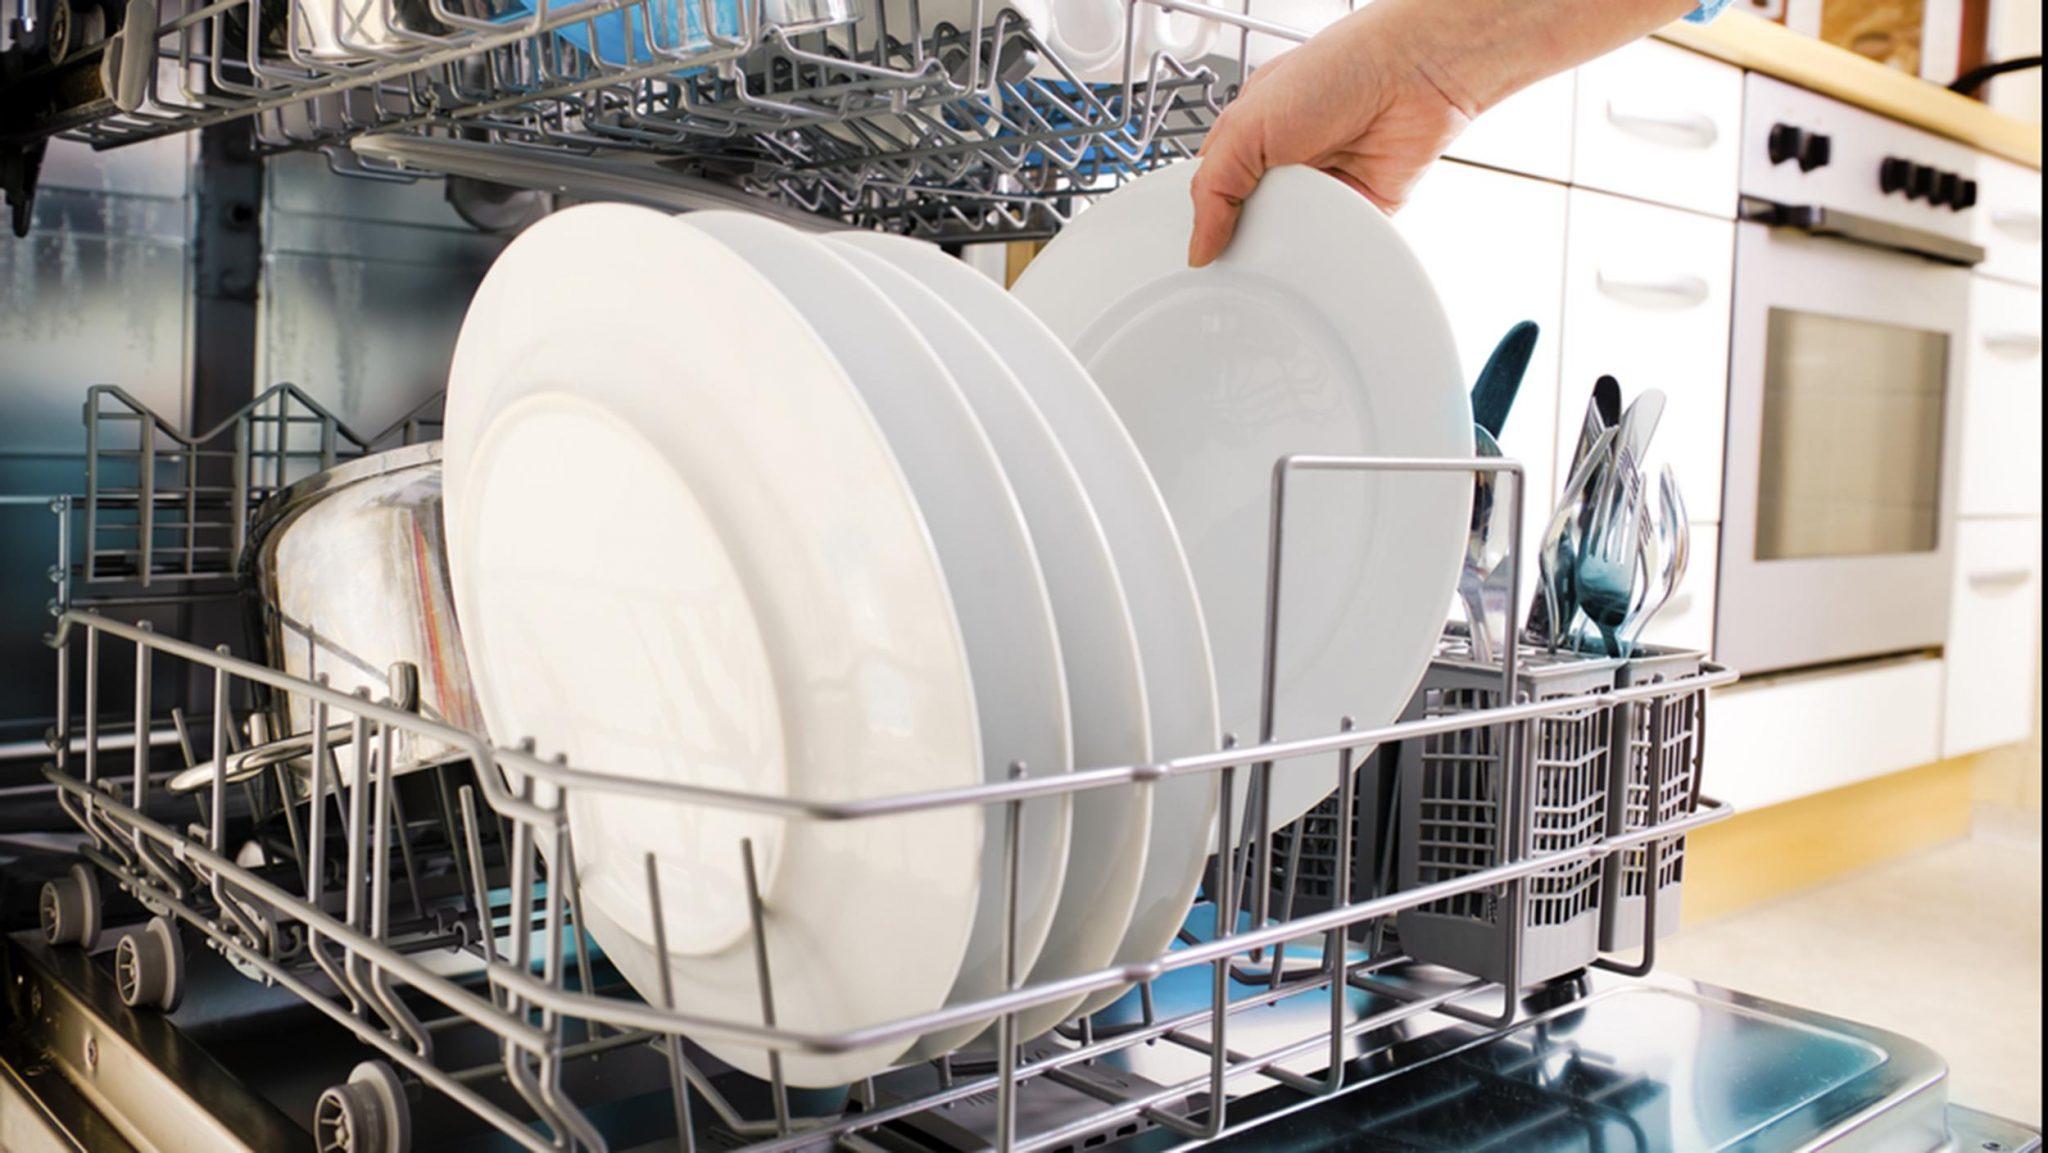 دانستنی هایی در مورد ماشین ظرفشویی-درست مصرف کنیم - آموزش همگانی - آگاهی مصرف